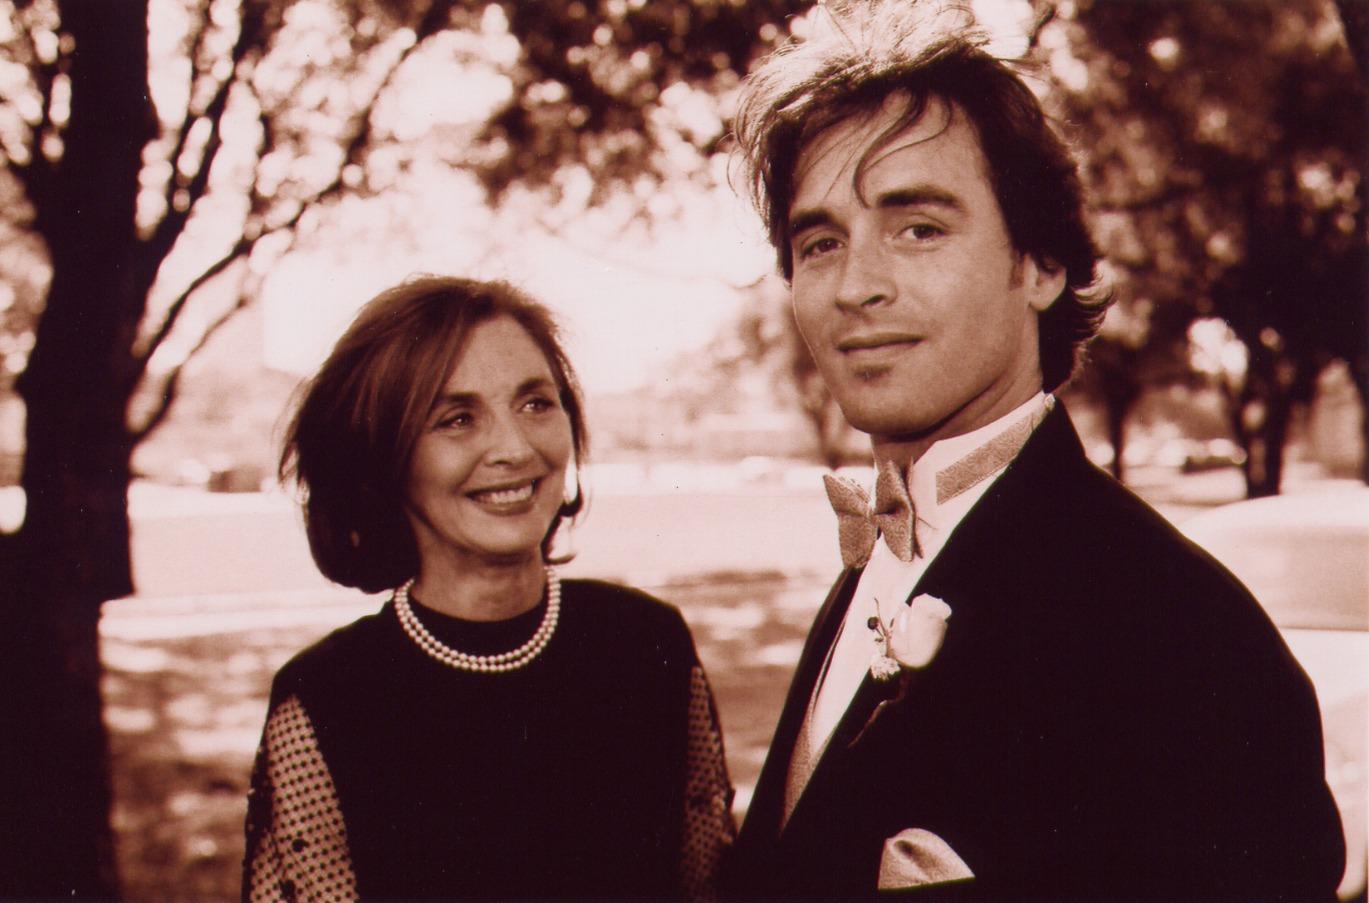 Mom and Son - Dallas, Texas